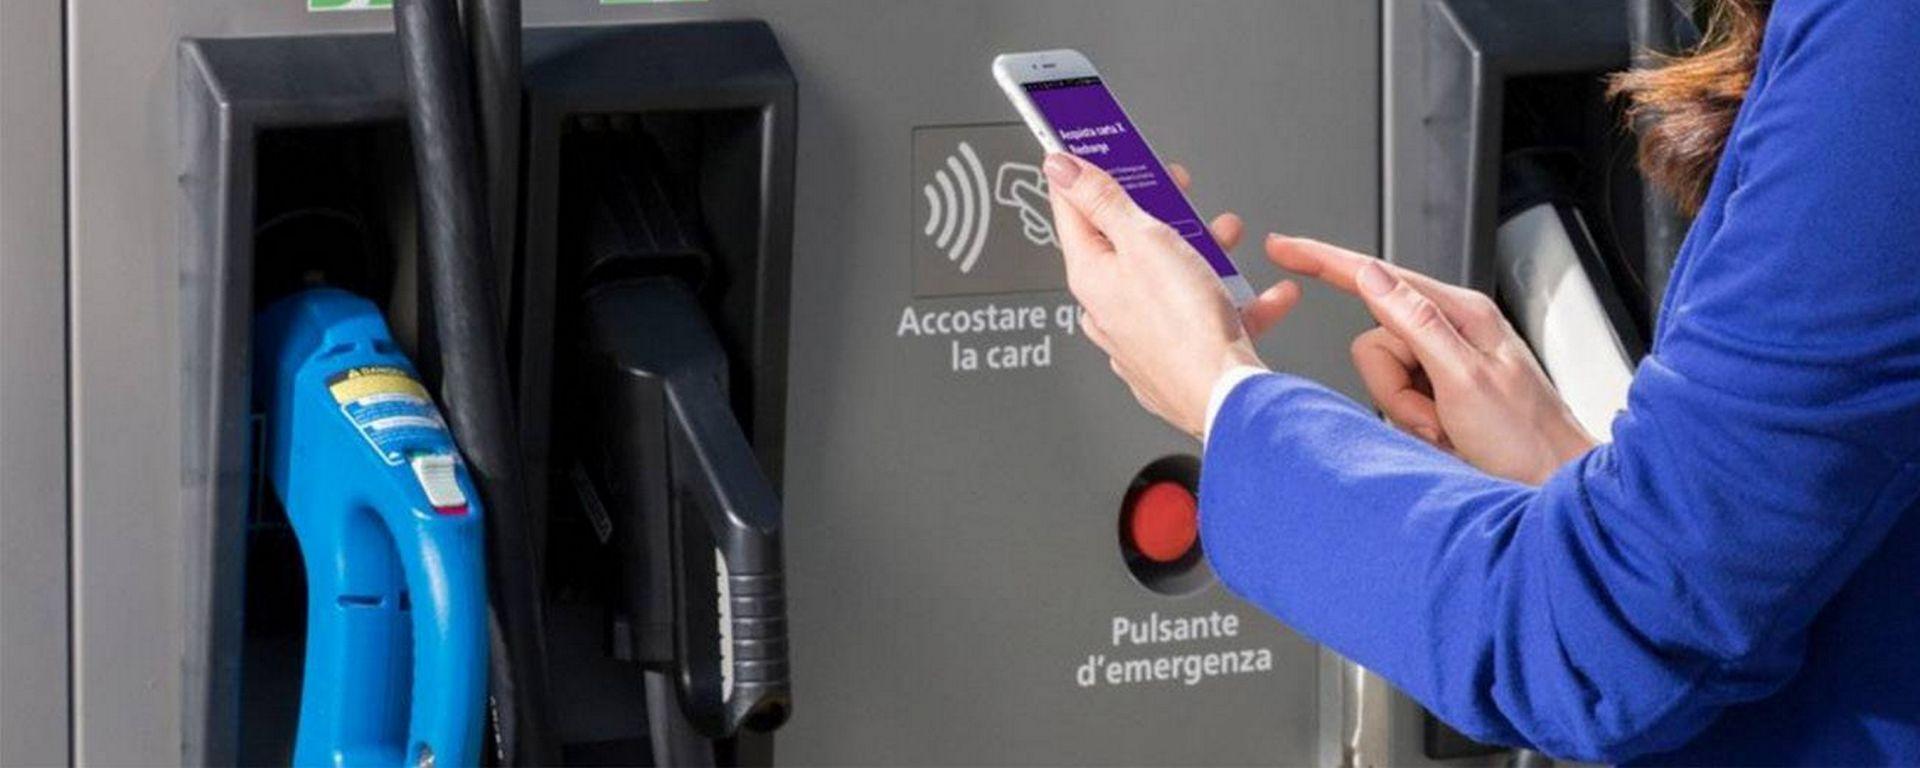 Enel X nuovo partner di FCA nello sviluppo di servizi di mobilità elettrica